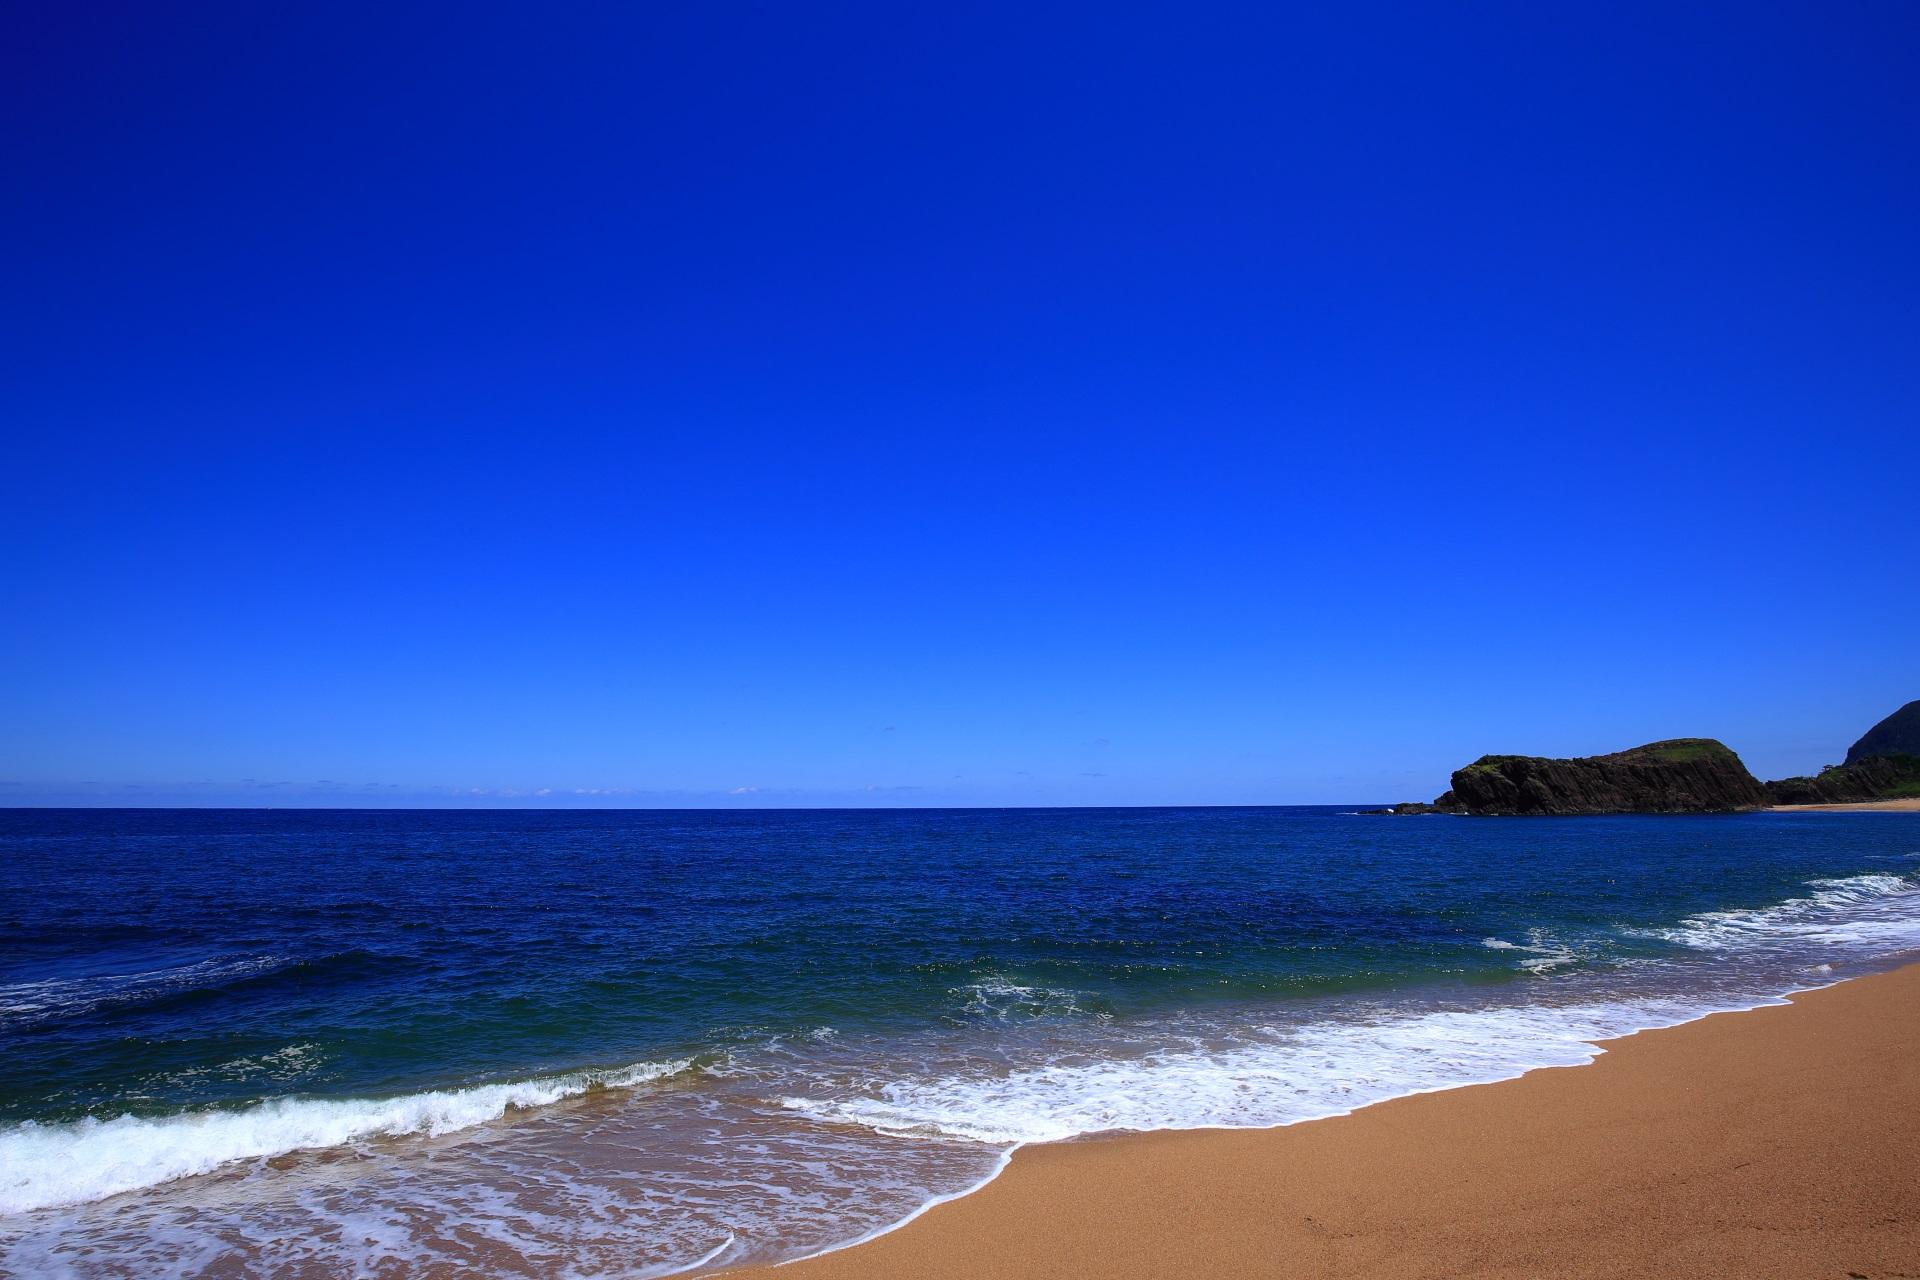 京丹後の間人(たいざ)の後ヶ浜(のちがはま)海岸と立岩